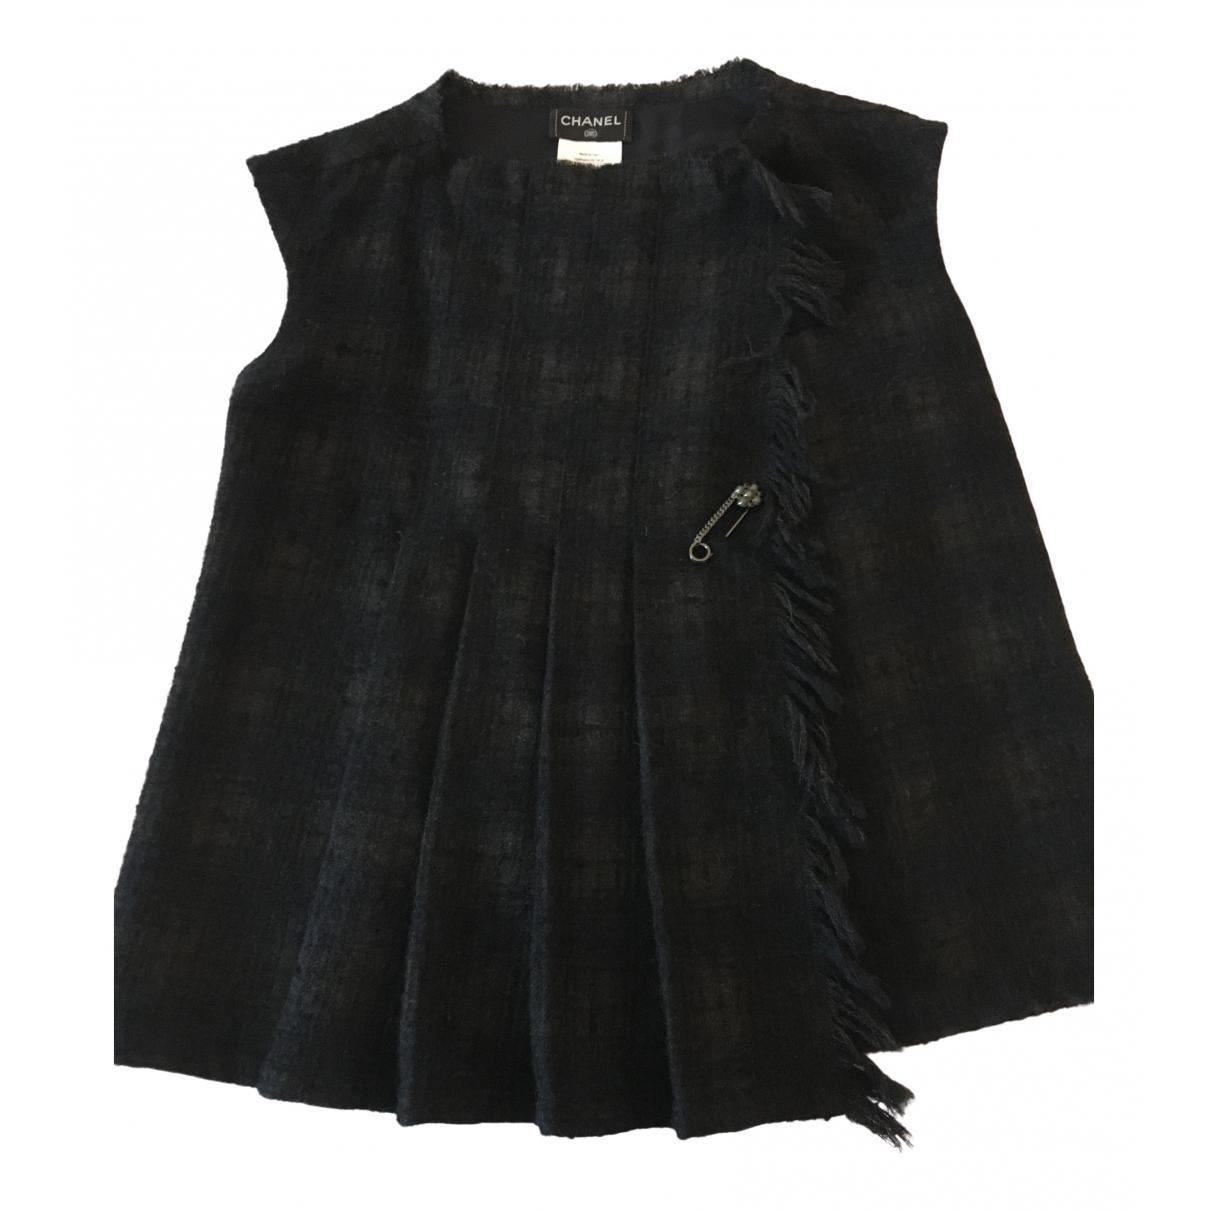 Chanel - Top   pour femme en tweed - noir